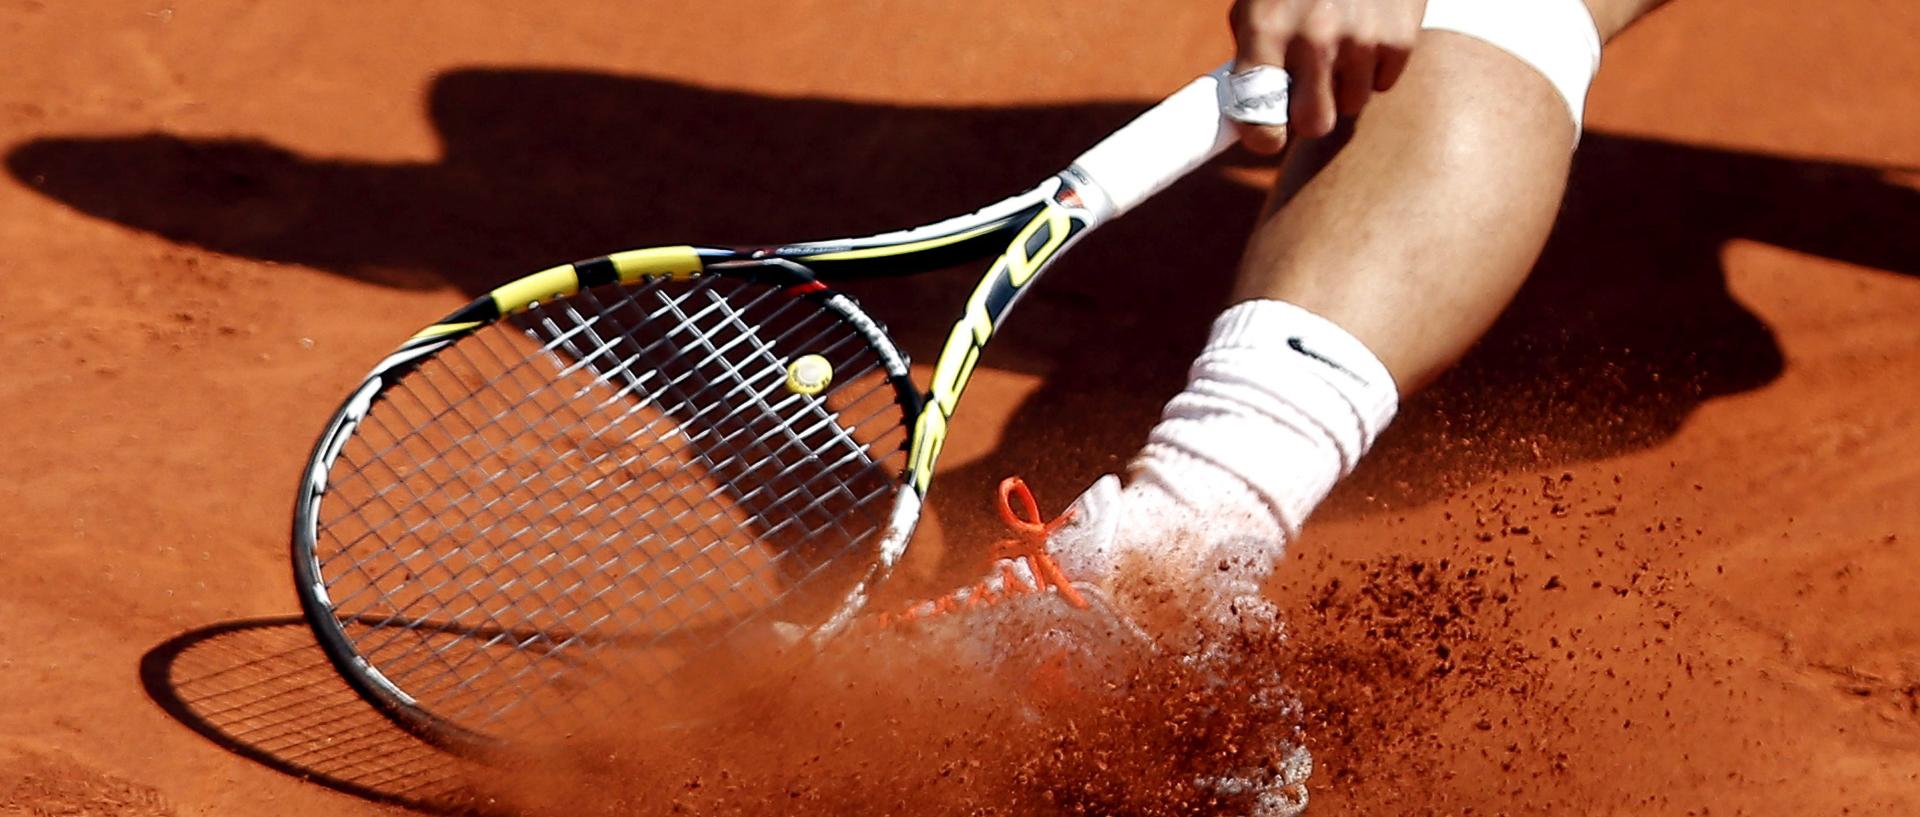 RG01 PARÍS (FRANCIA) 07/06/2013.- El tenista español Rafael Nadal en acción durante su partido de semifinales del Roland Garros disputado contra el serbio Novak Djokovic, en Paris, Francia, hoy, viernes 7 de junio de 2013. EFE/IAN LANGSDON